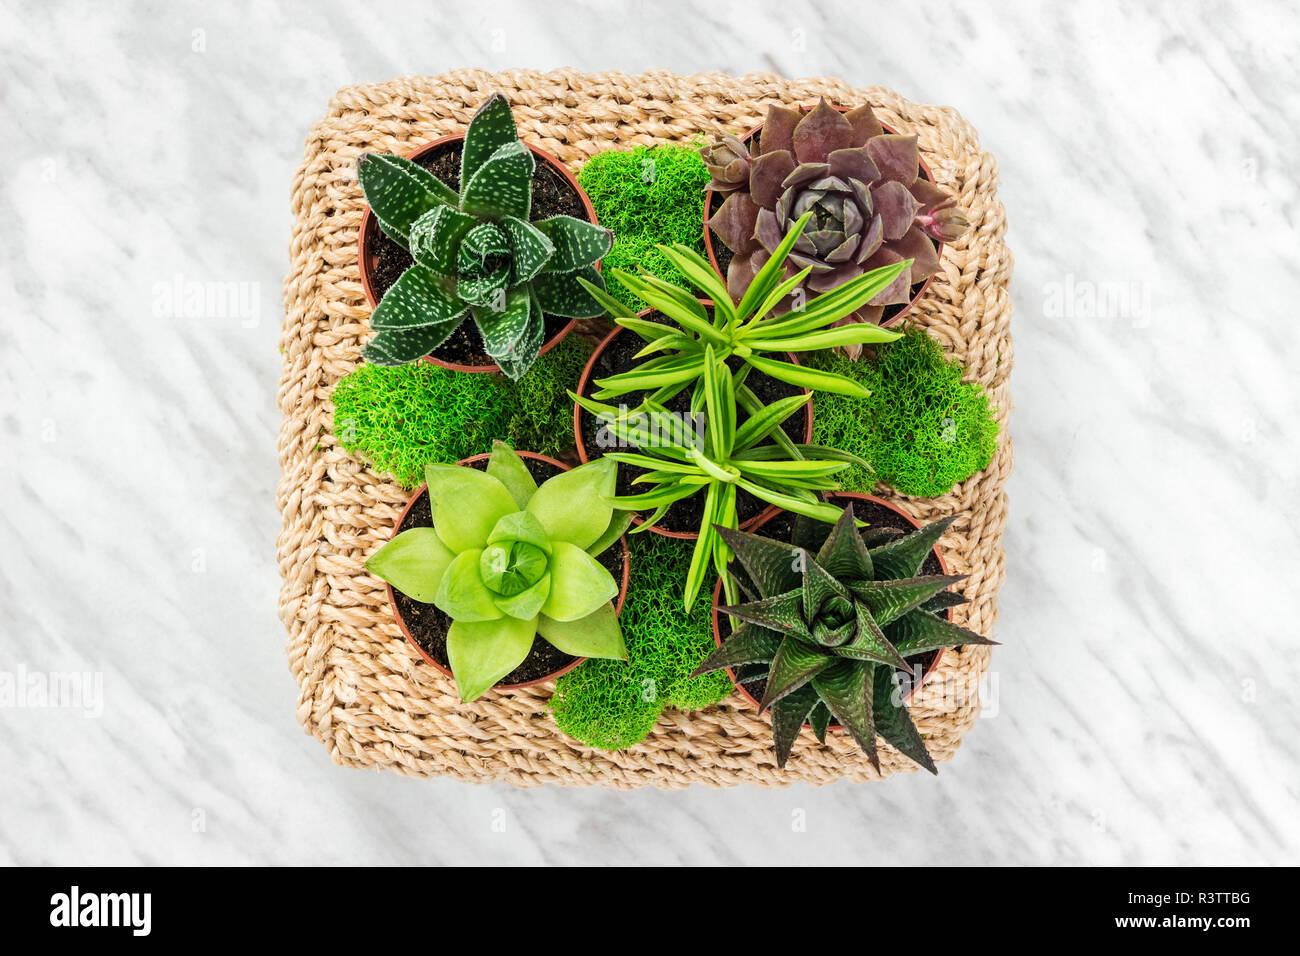 Arreglos florales con plantas suculentas y musgo verde, sobre fondo de mármol. Foto de stock